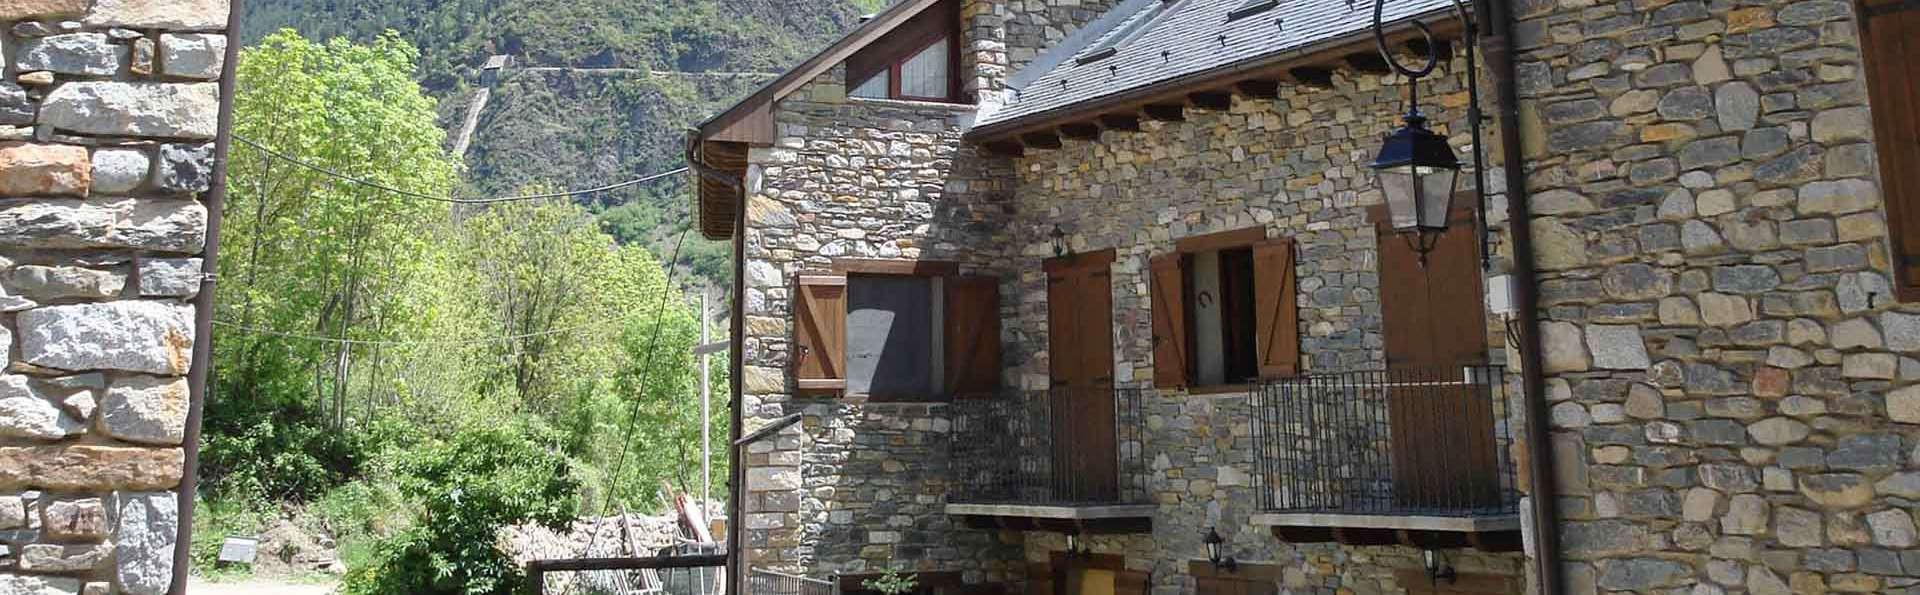 Apartaments La Peguera - EDIT_Exterior_Barruera_01.jpg